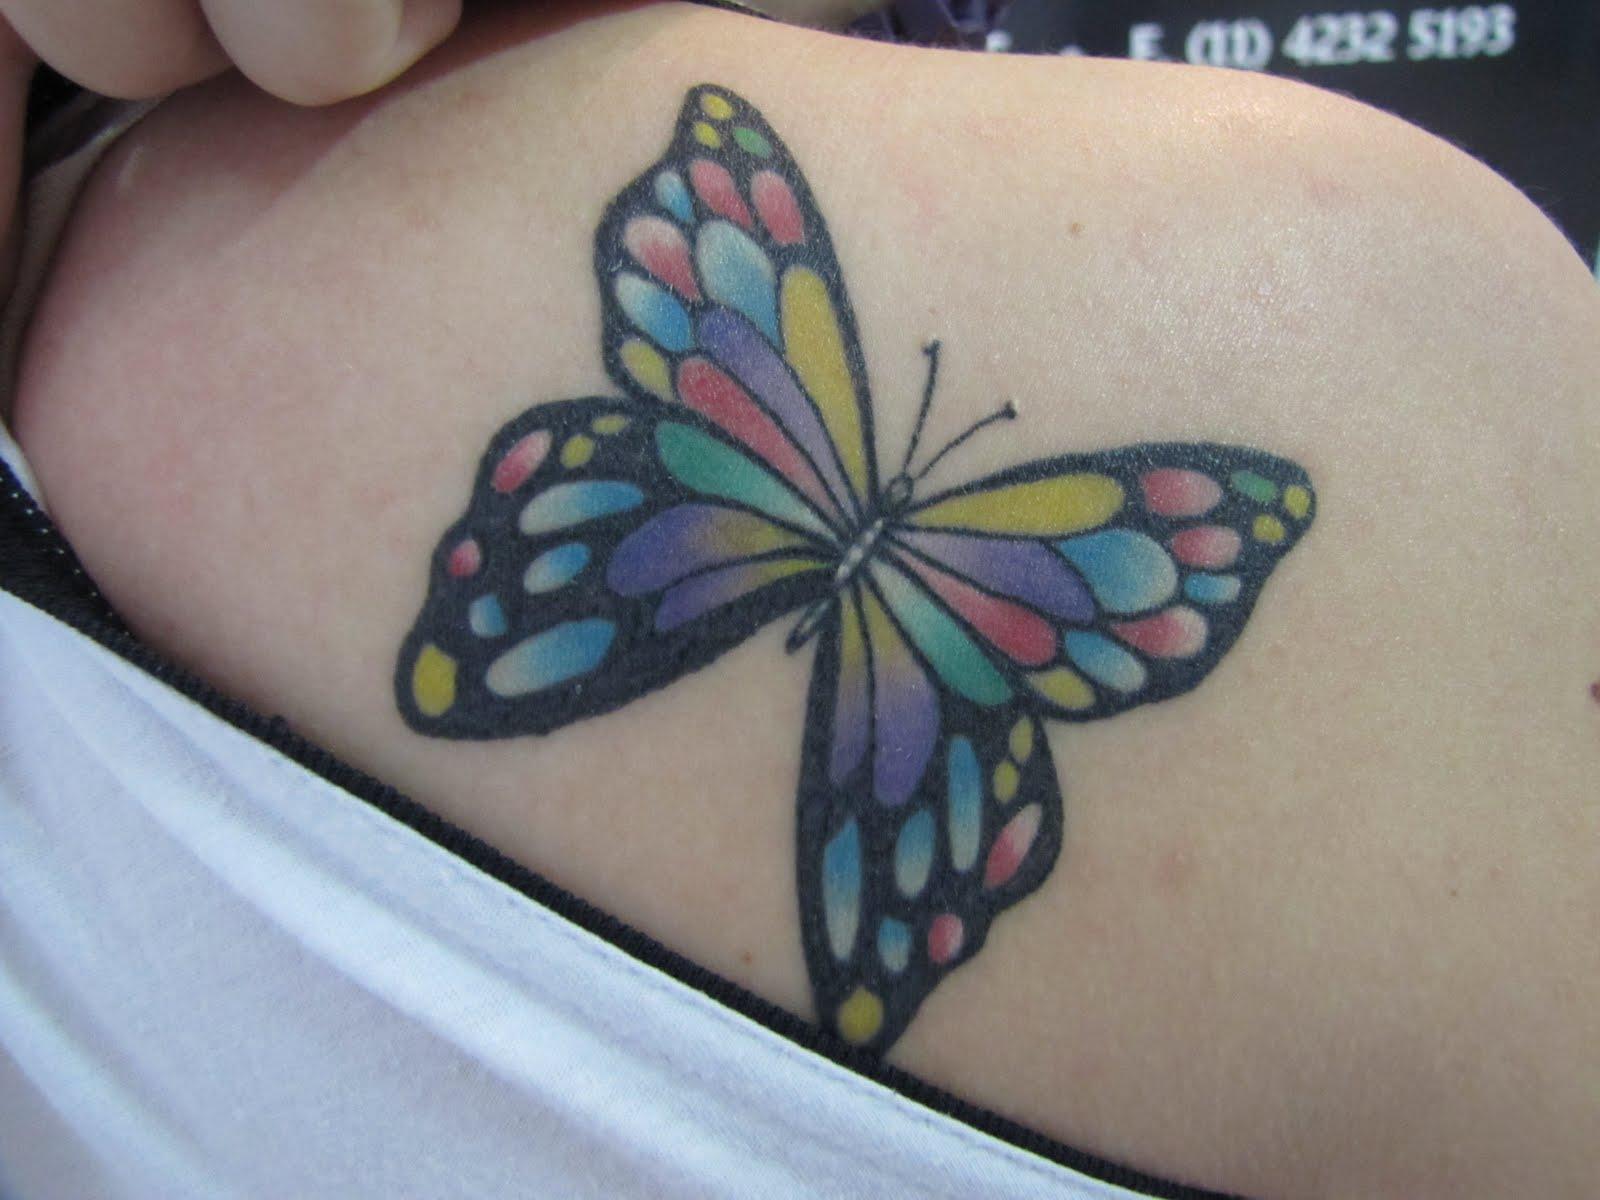 http://2.bp.blogspot.com/_vxPVIdWMuYY/TNrOkXqoE4I/AAAAAAAAADI/HLHaMEzbYRg/s1600/tattoo%20batata%20009.jpg